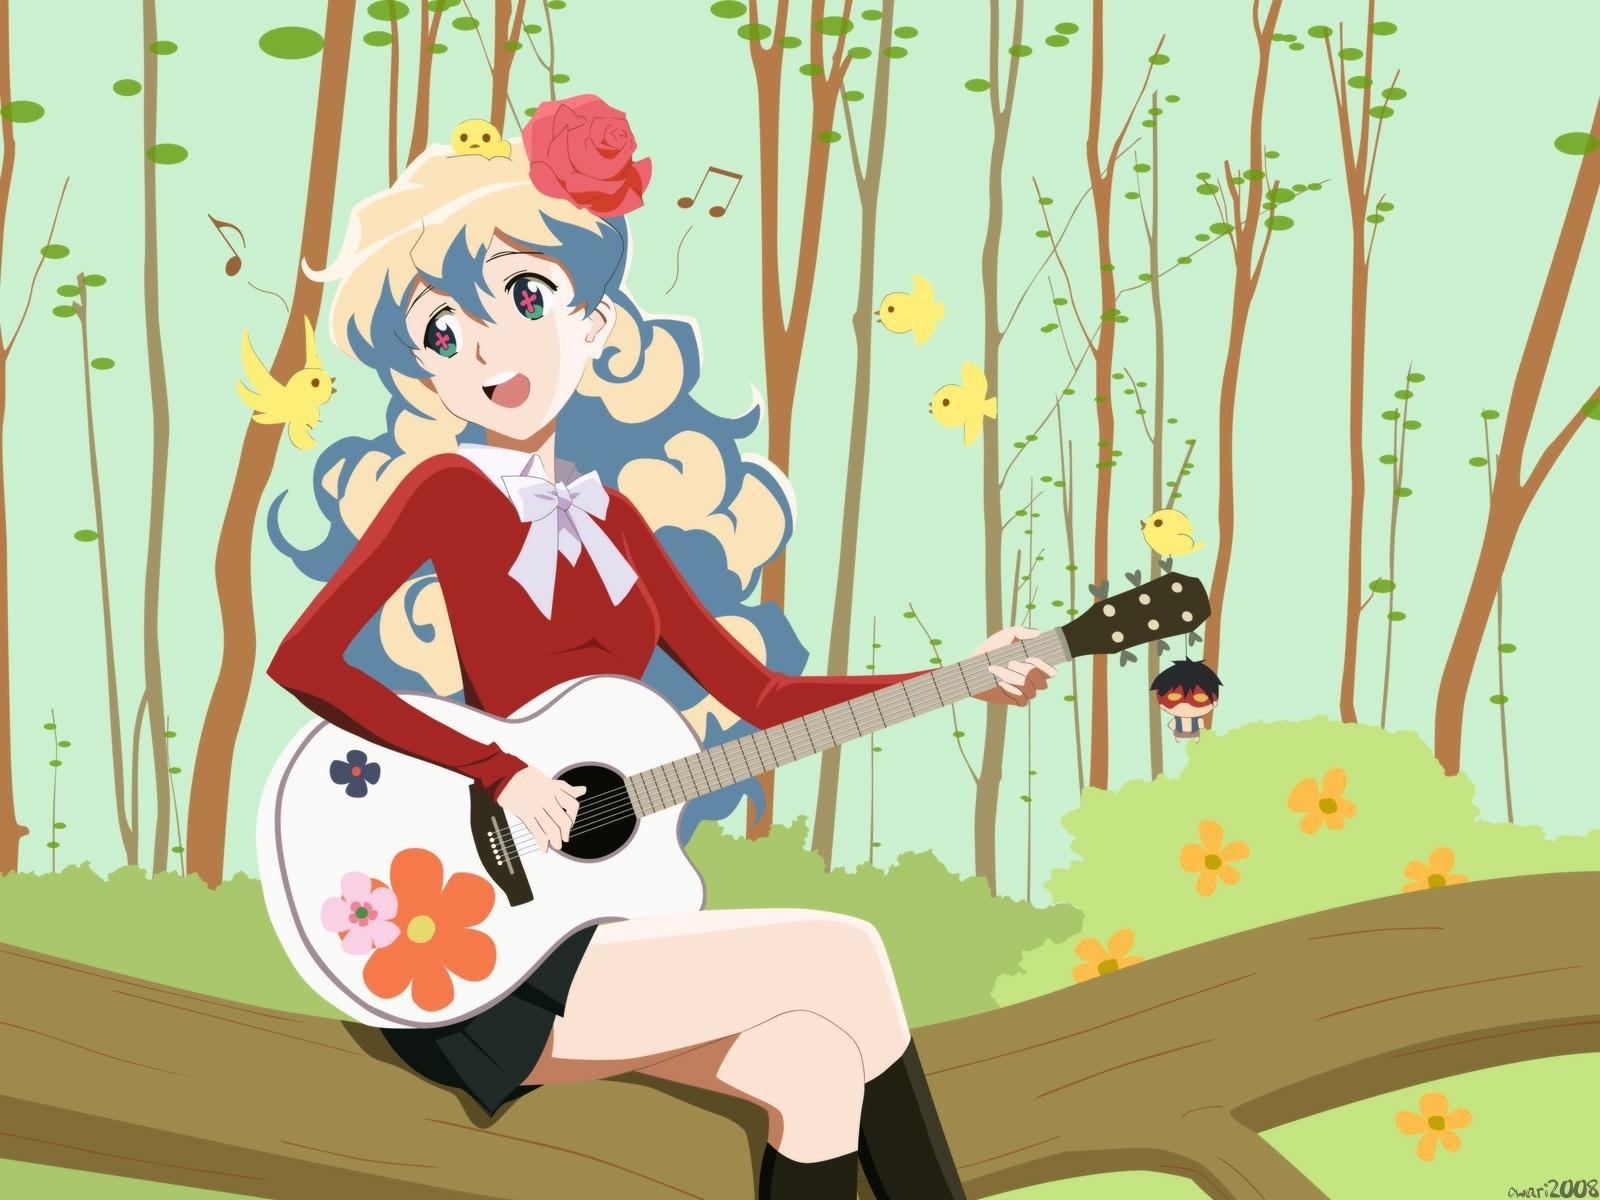 Masaüstü Orman Illüstrasyon Kuşlar Anime Gitar Karikatür